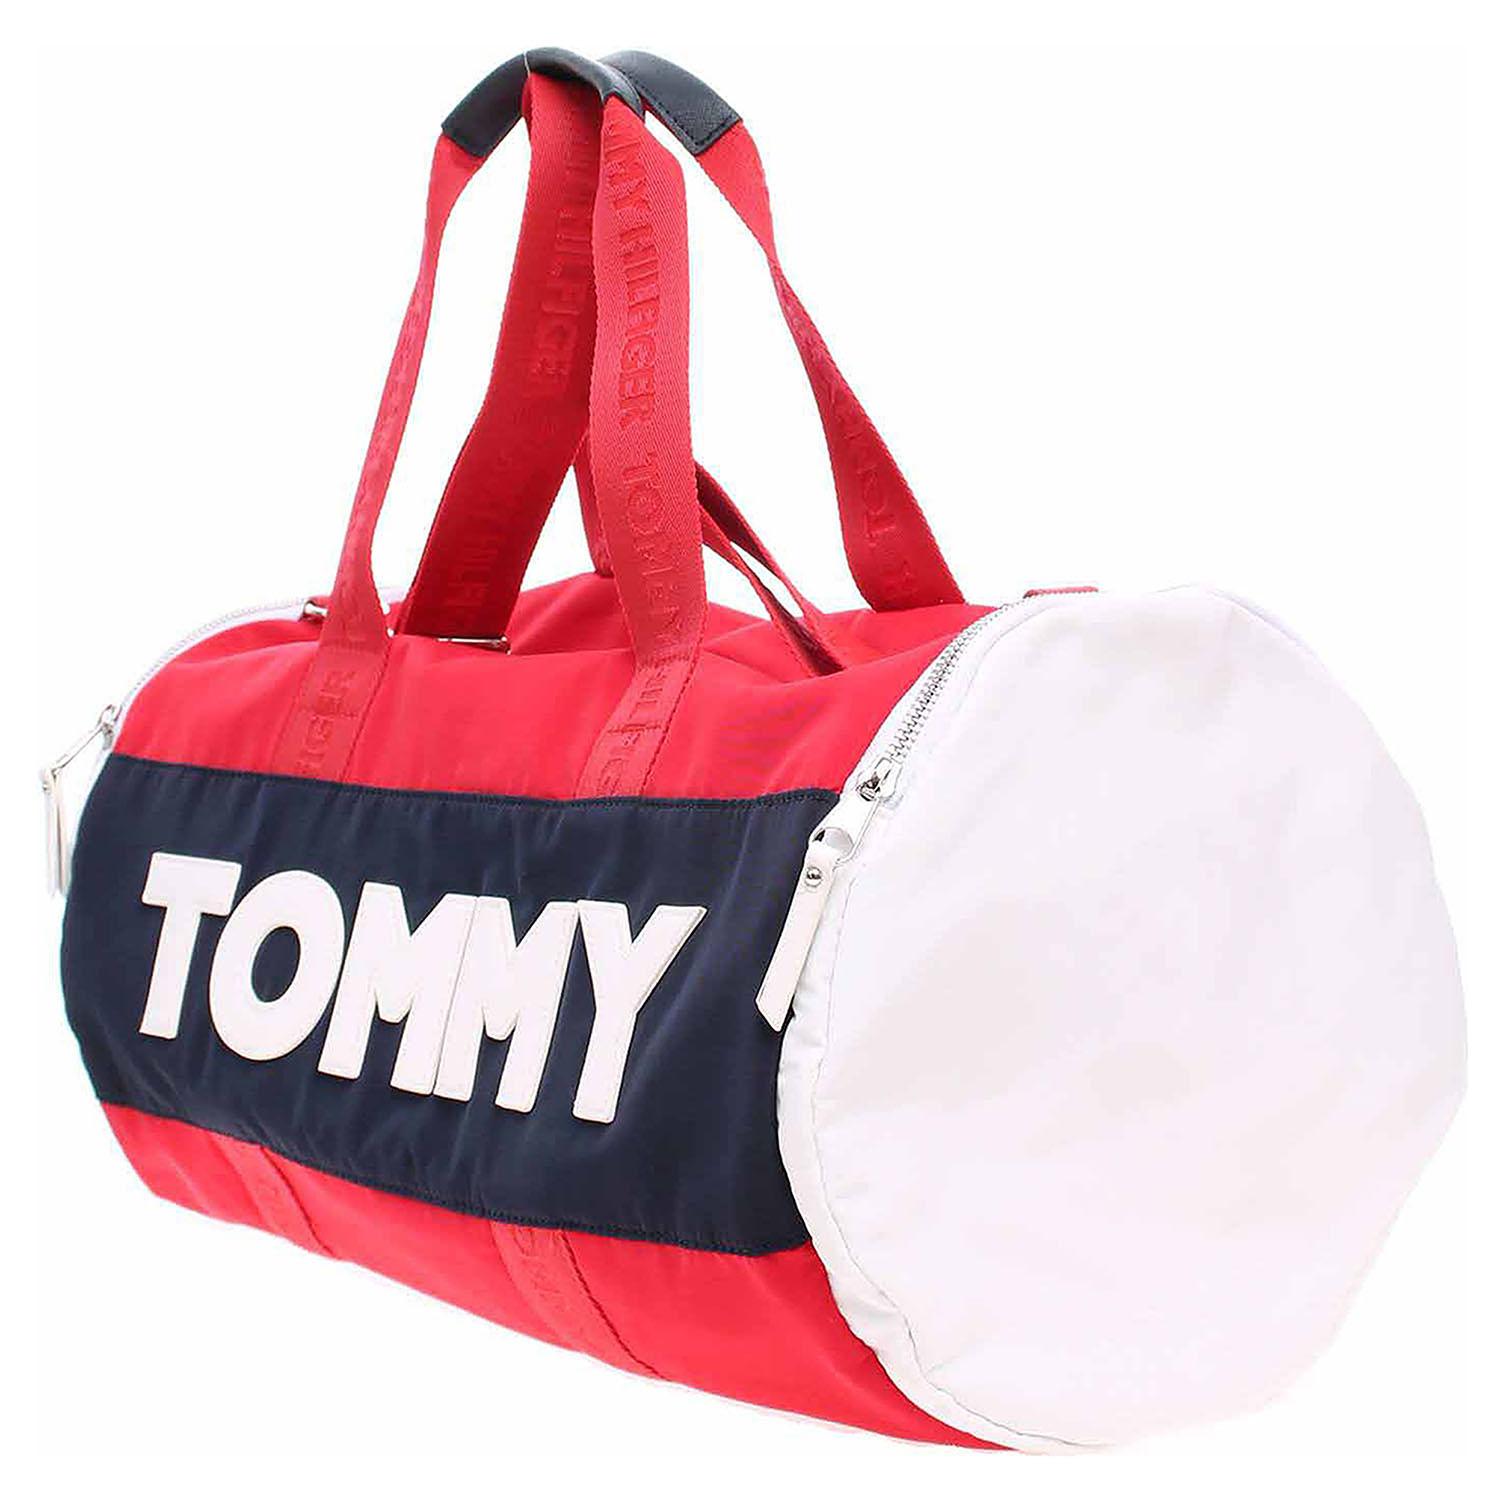 Ecco Tommy Hilfiger unisex taška AW0AW04925 901 corporate 10701205